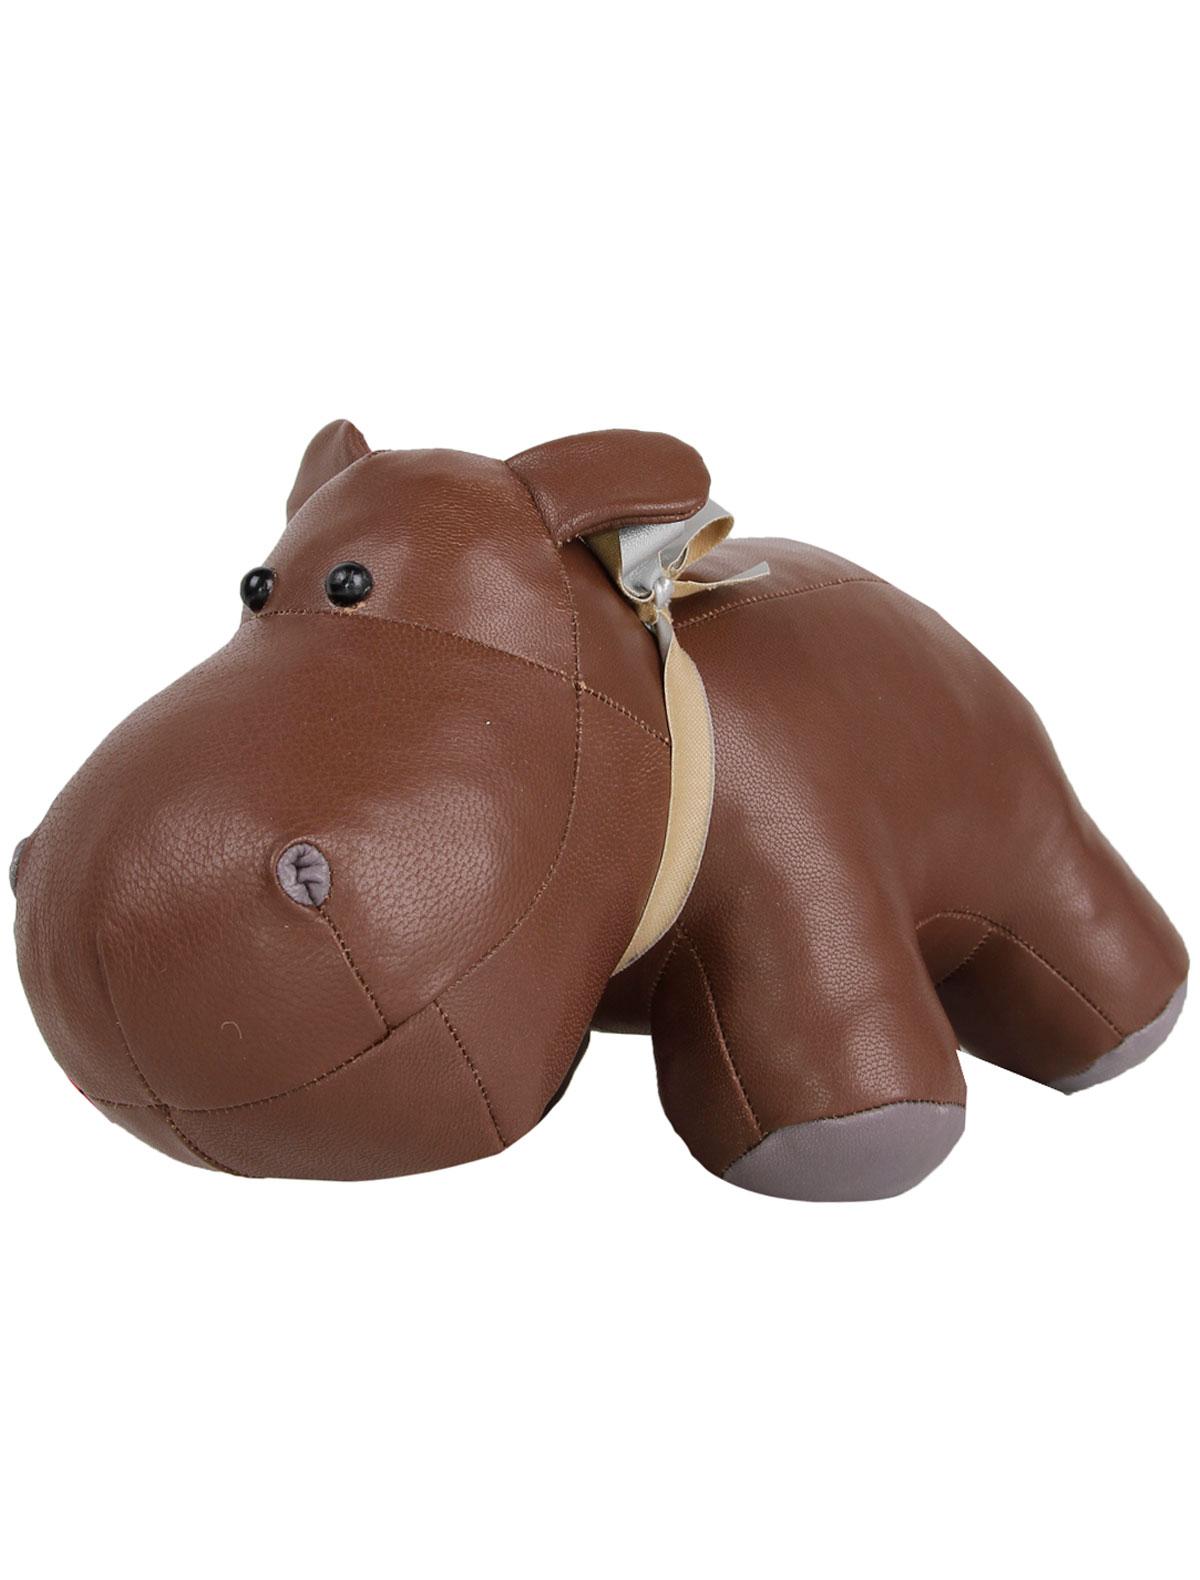 Купить 2164713, Игрушка мягкая Carolon, коричневый, 7121820070189